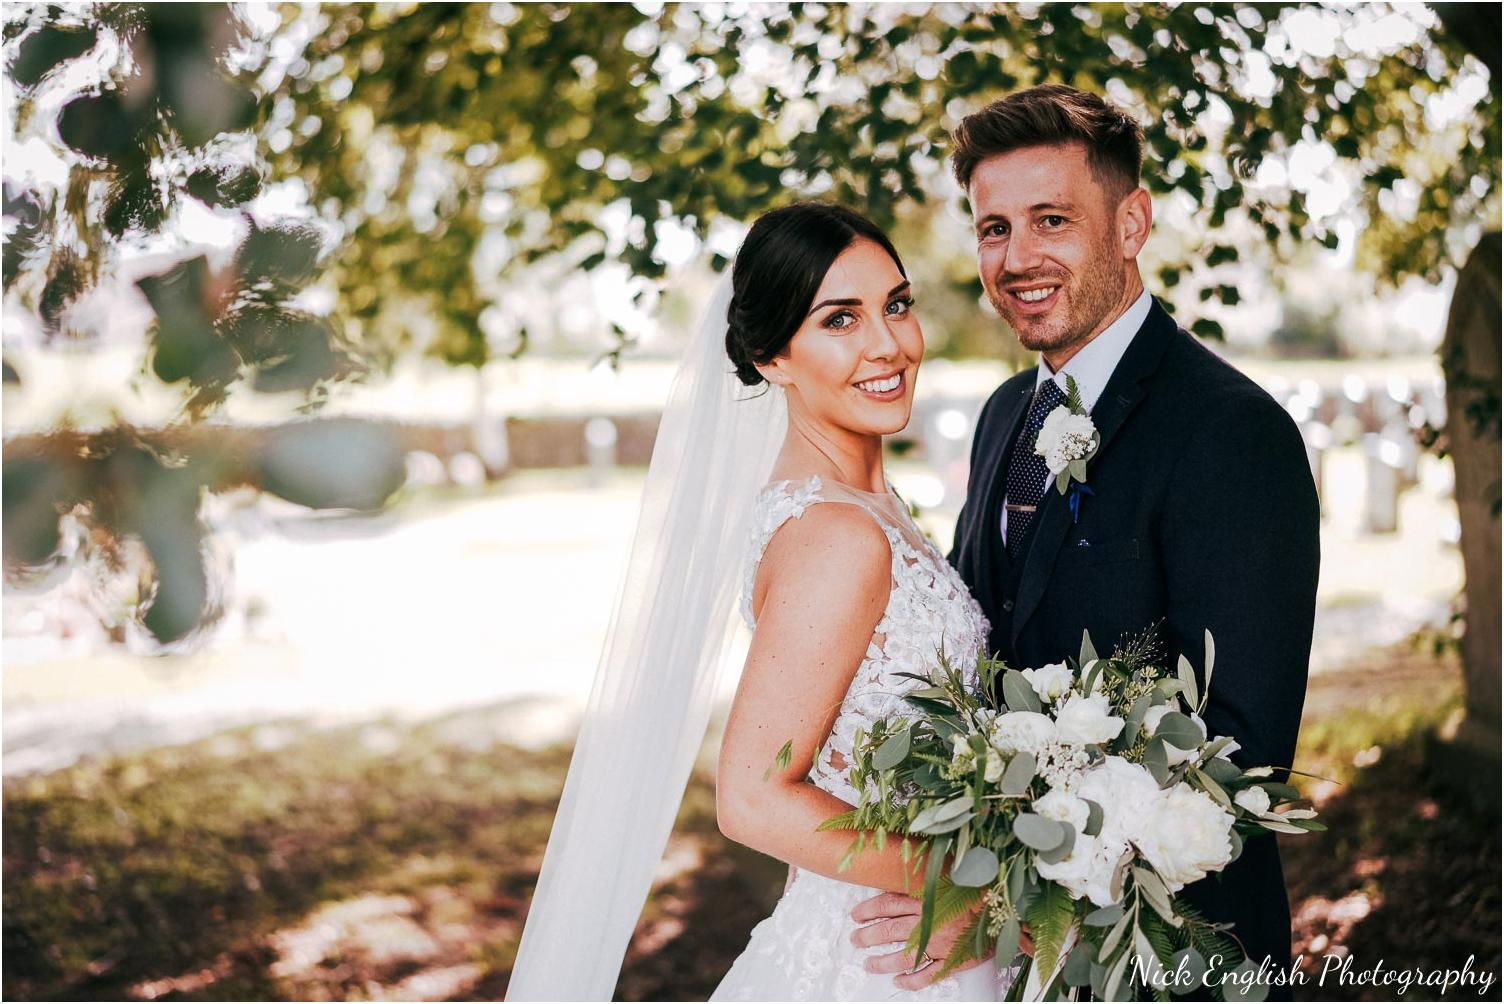 Browsholme_Hall_Barn_Wedding_Nick_English_Photography-68.jpg